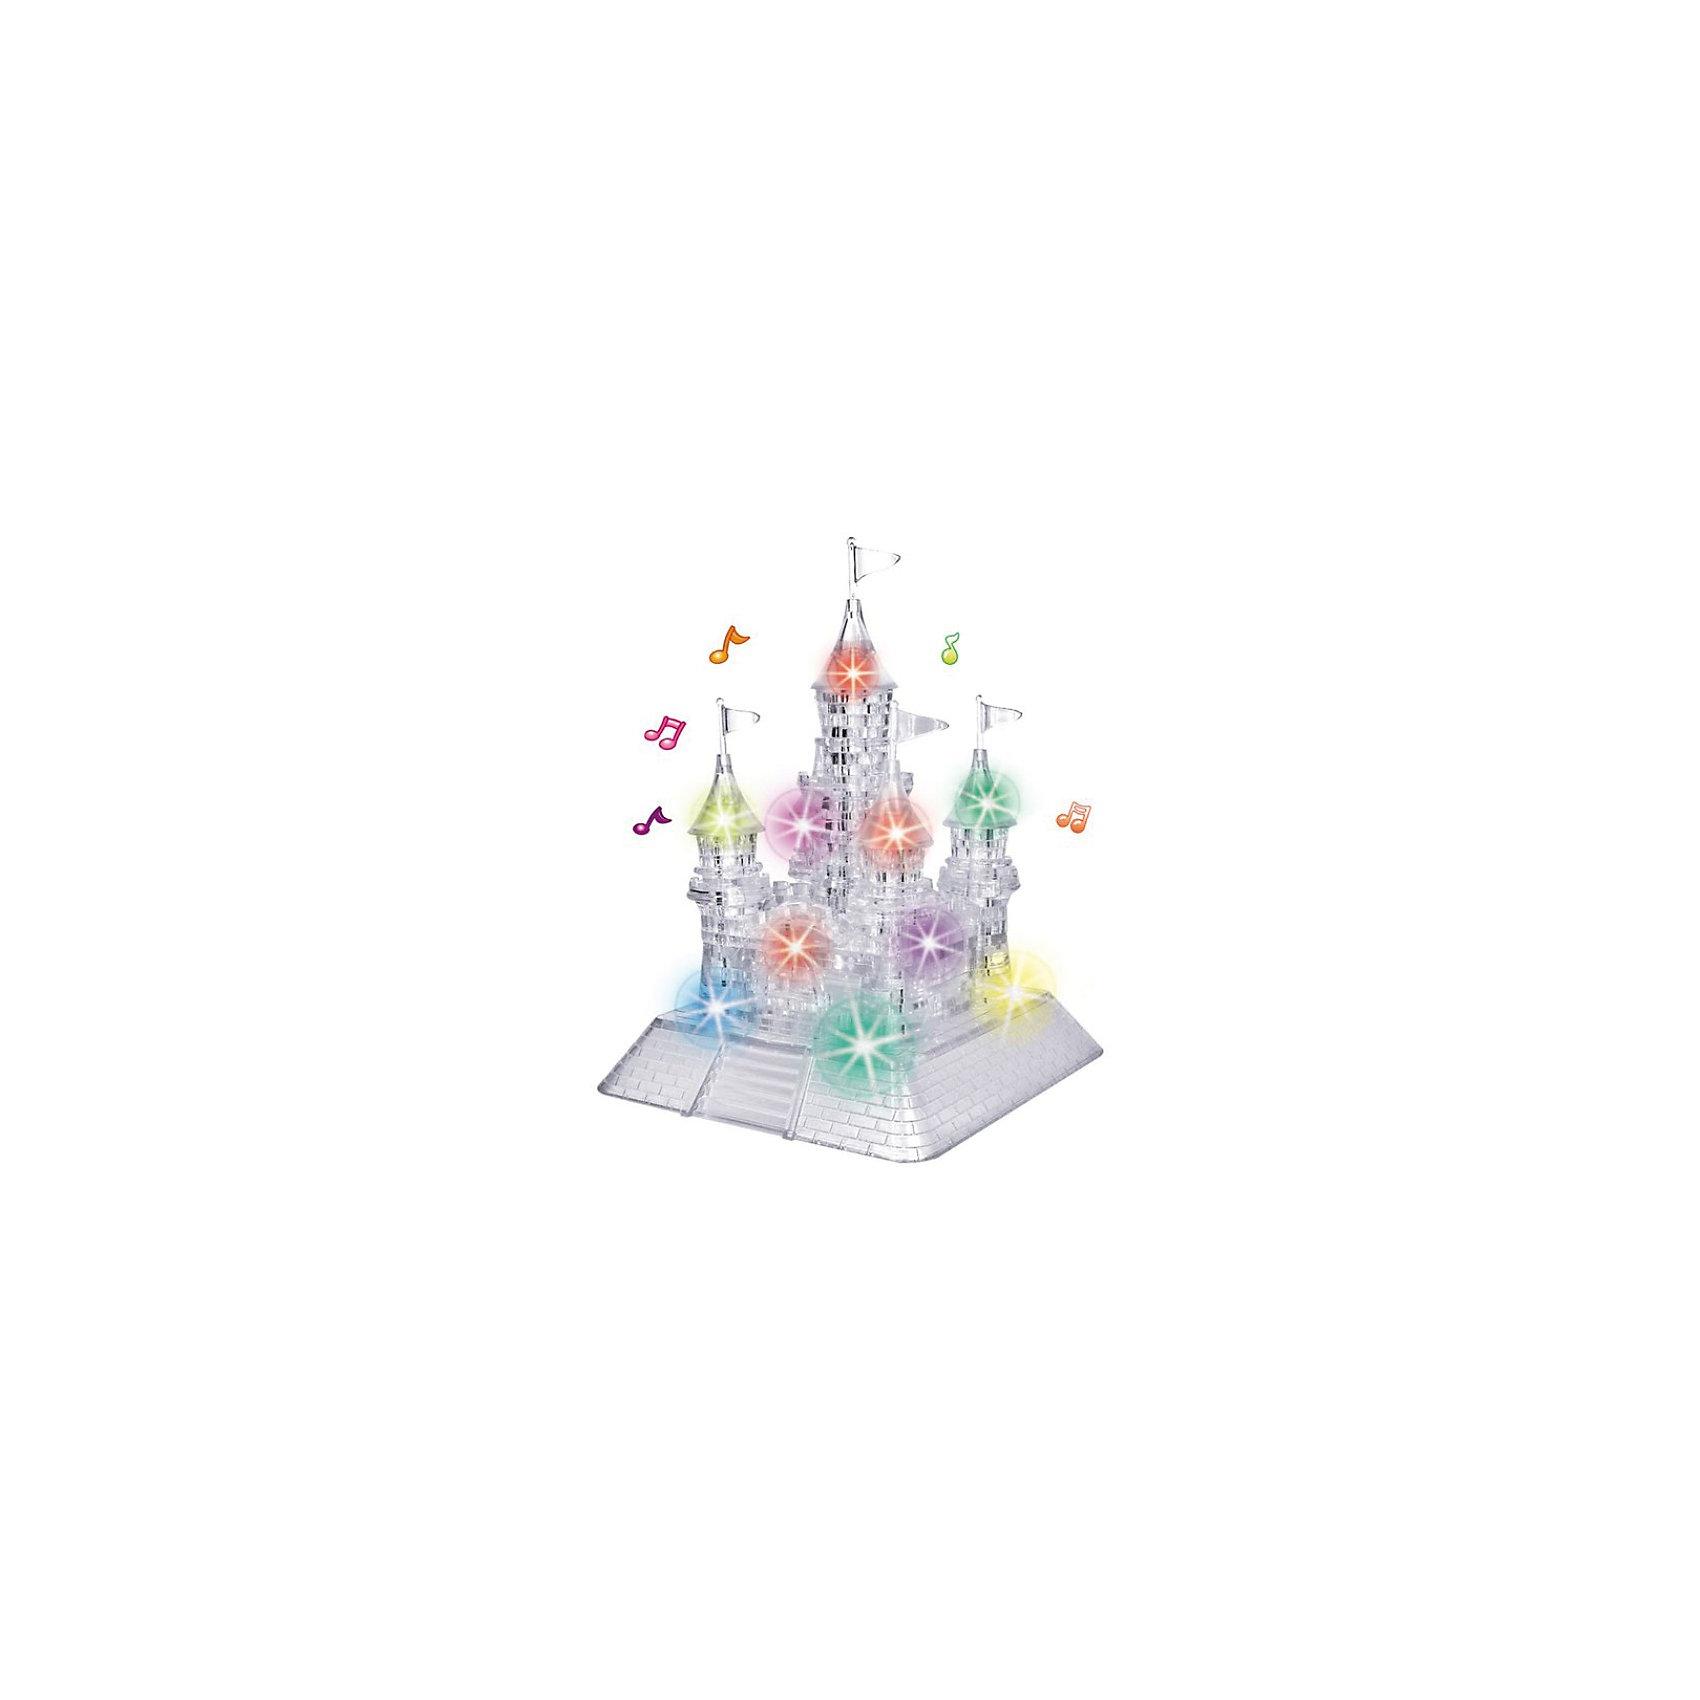 Кристаллический пазл 3D Замок,3D пазлы<br>Кристаллический пазл 3D Замок, светильник – это объемная головоломка из полупрозрачного пластика.<br>Это головоломка большого размера, в ней целых 105 деталей. Собрать без шпаргалки будет нелегко. В Замке 5 башен, каждую из них нужно собрать и расположить на основании. Зато после того, как вы водрузите на башни флаги, будьте готовы праздновать победу! Но еще большее удовольствие Вы получите, когда в комнате выключите свет и под встроенную музыку включите освещение замка. Это великолепное зрелище всем подарит радость и восторг. В комплекте с головоломкой вы получите инструкцию, где для каждой детали будет указан номер. Если вы захотите воспользоваться подсказкой, разложите детали согласно номерам в инструкции и соединяйте одна с другой. Но наш совет: не спешите заглядывать в шпаргалку, не лишайте себя удовольствия самостоятельно собрать эту очаровательно выглядящую фигуру!<br><br>Дополнительная информация:<br><br>- Возраст: для детей от 14 лет<br>- Материал: пластик<br>- Размер: 217x163x118 мм.<br>- Вес: 662 г.<br>- Батарейки: 3 батарейки АА (в комплект не входят)<br><br>Кристаллический пазл 3D Замок, светильник можно купить в нашем интернет-магазине.<br><br>Ширина мм: 10<br>Глубина мм: 9<br>Высота мм: 17<br>Вес г: 500<br>Возраст от месяцев: 60<br>Возраст до месяцев: 1188<br>Пол: Унисекс<br>Возраст: Детский<br>Количество деталей: 105<br>SKU: 3620575